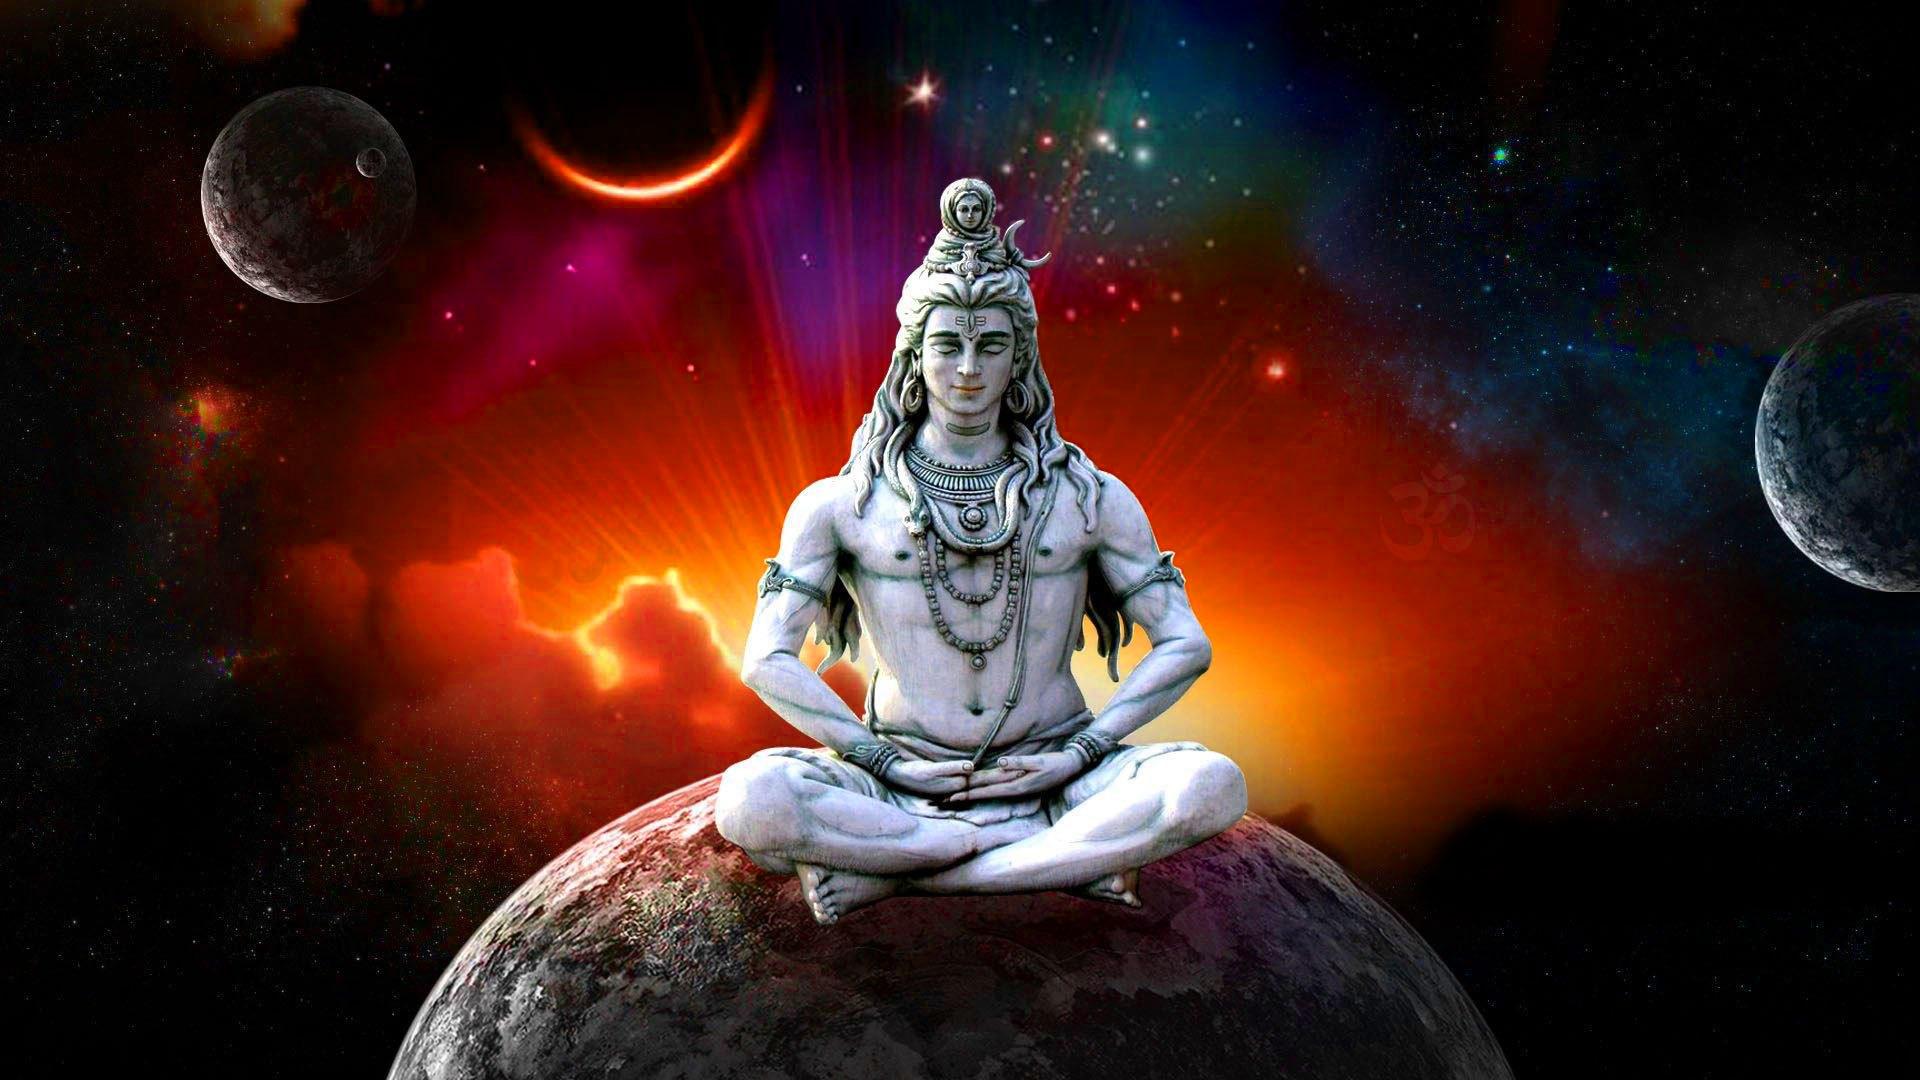 Beautiful Shiva Images wallpaper photo free hd